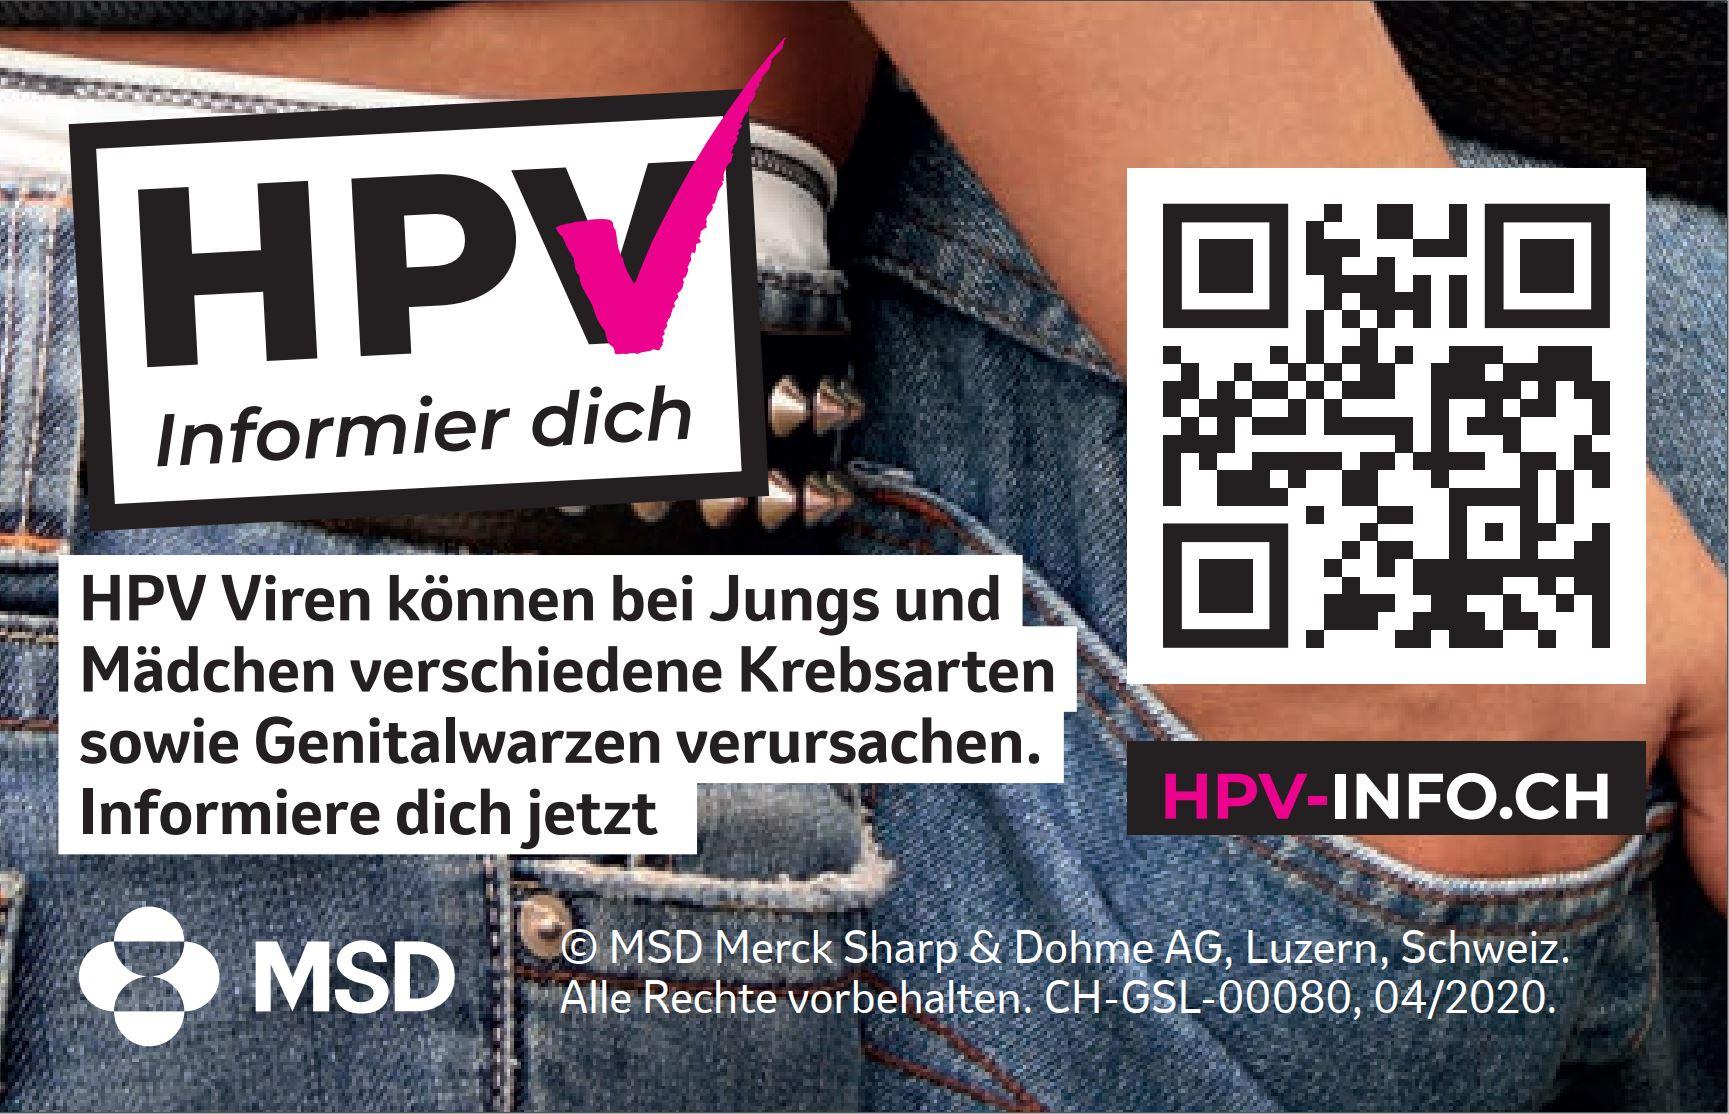 Visitenkarten zur hpv.info.ch Webseite